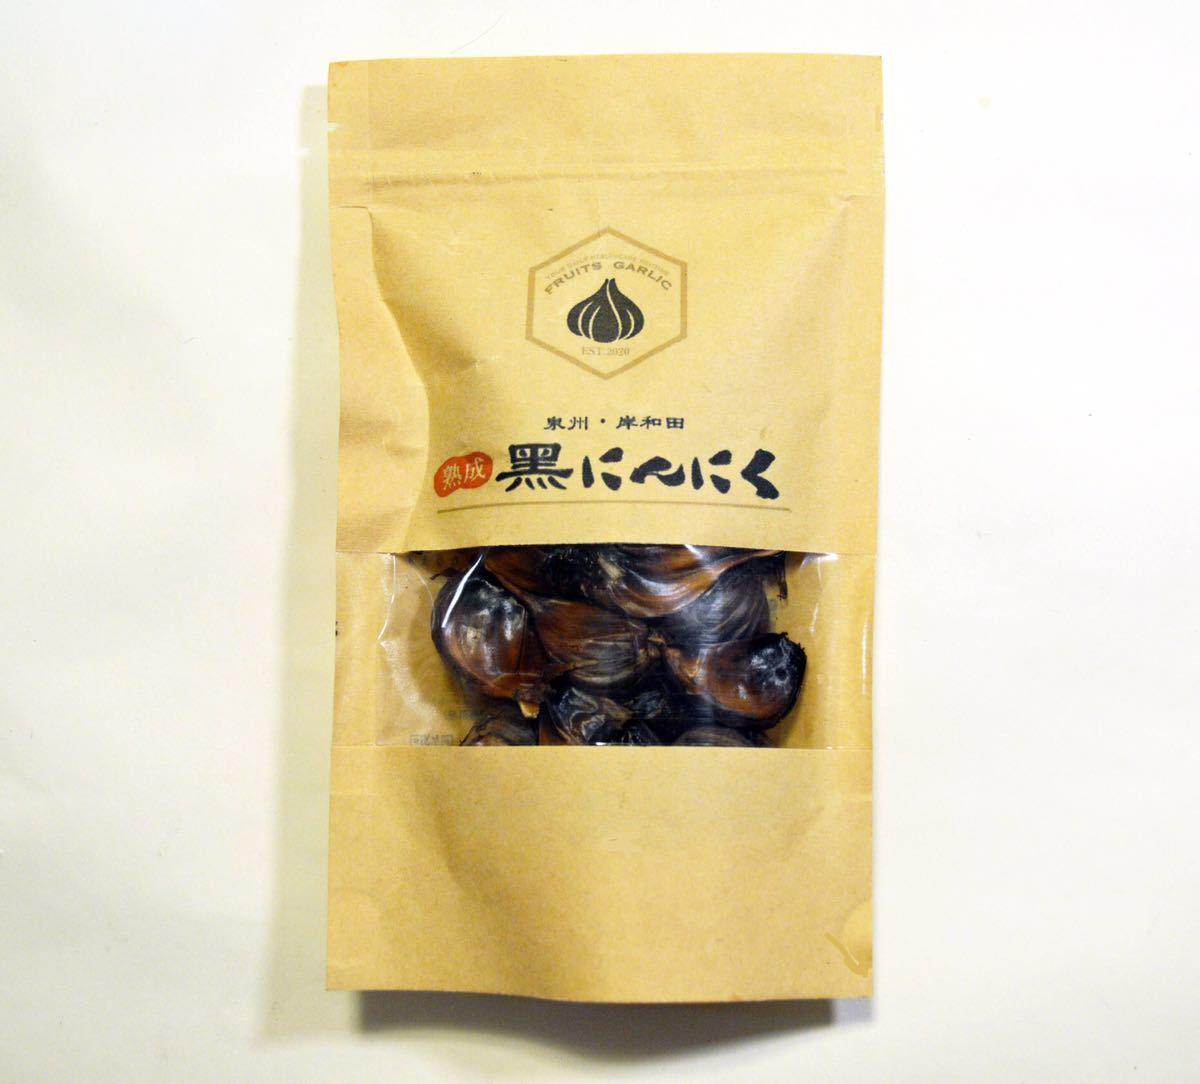 【送料無料】黒にんにく200g(100gX2袋セット)青森ホワイト6片 DHR_画像6